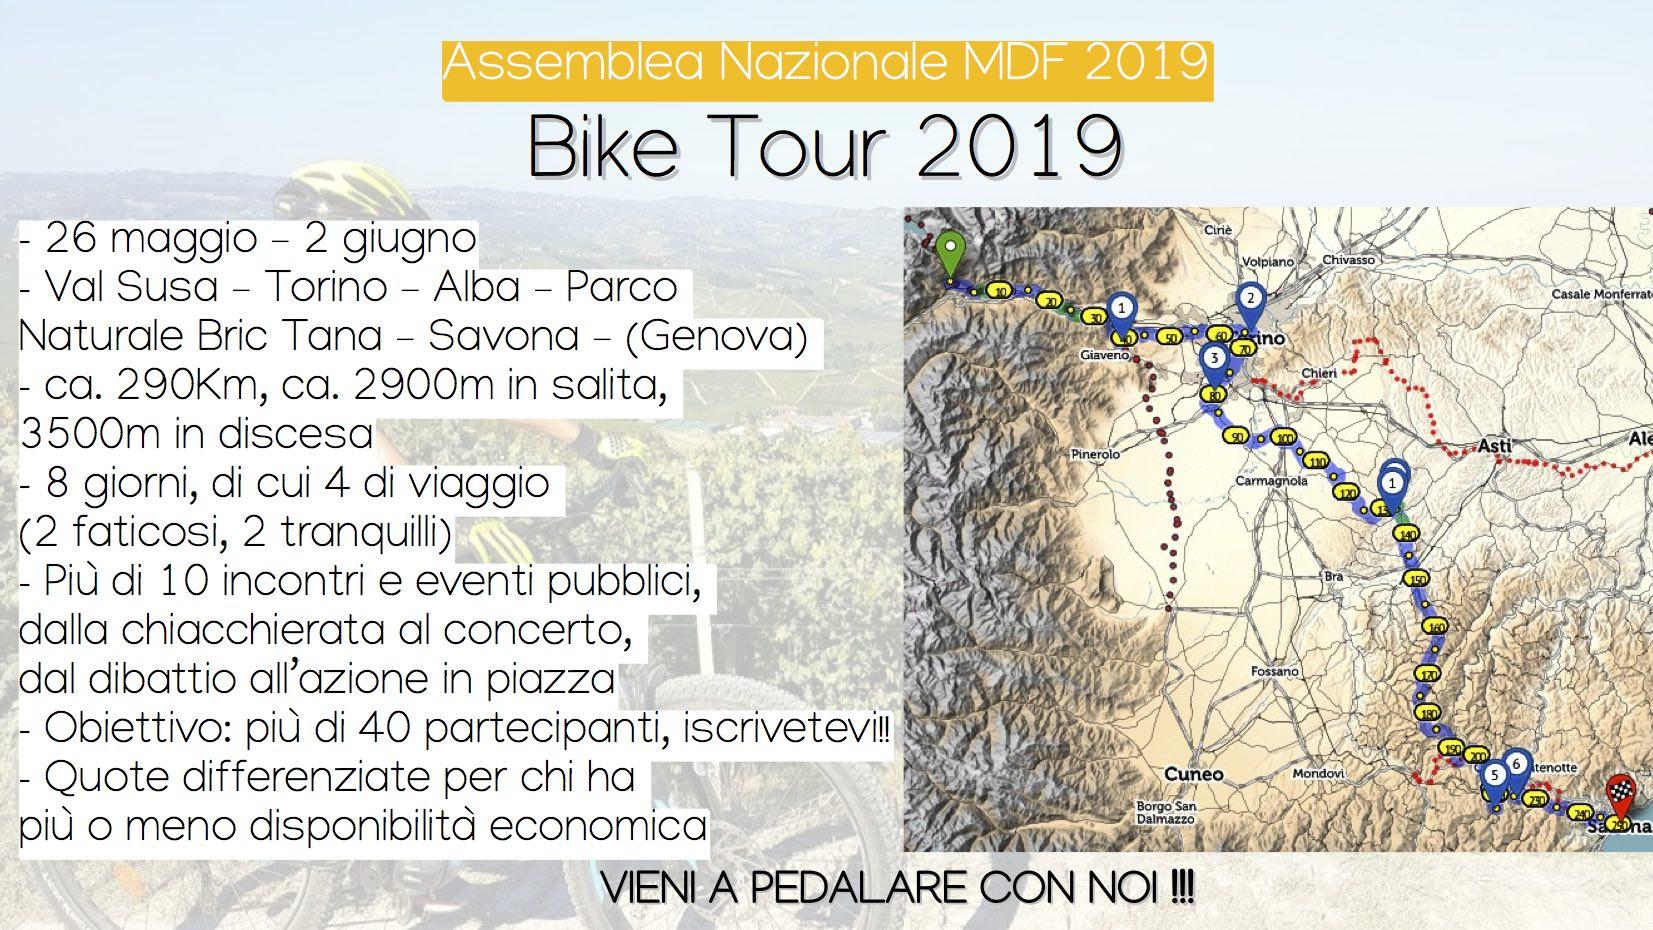 bike tour 2019